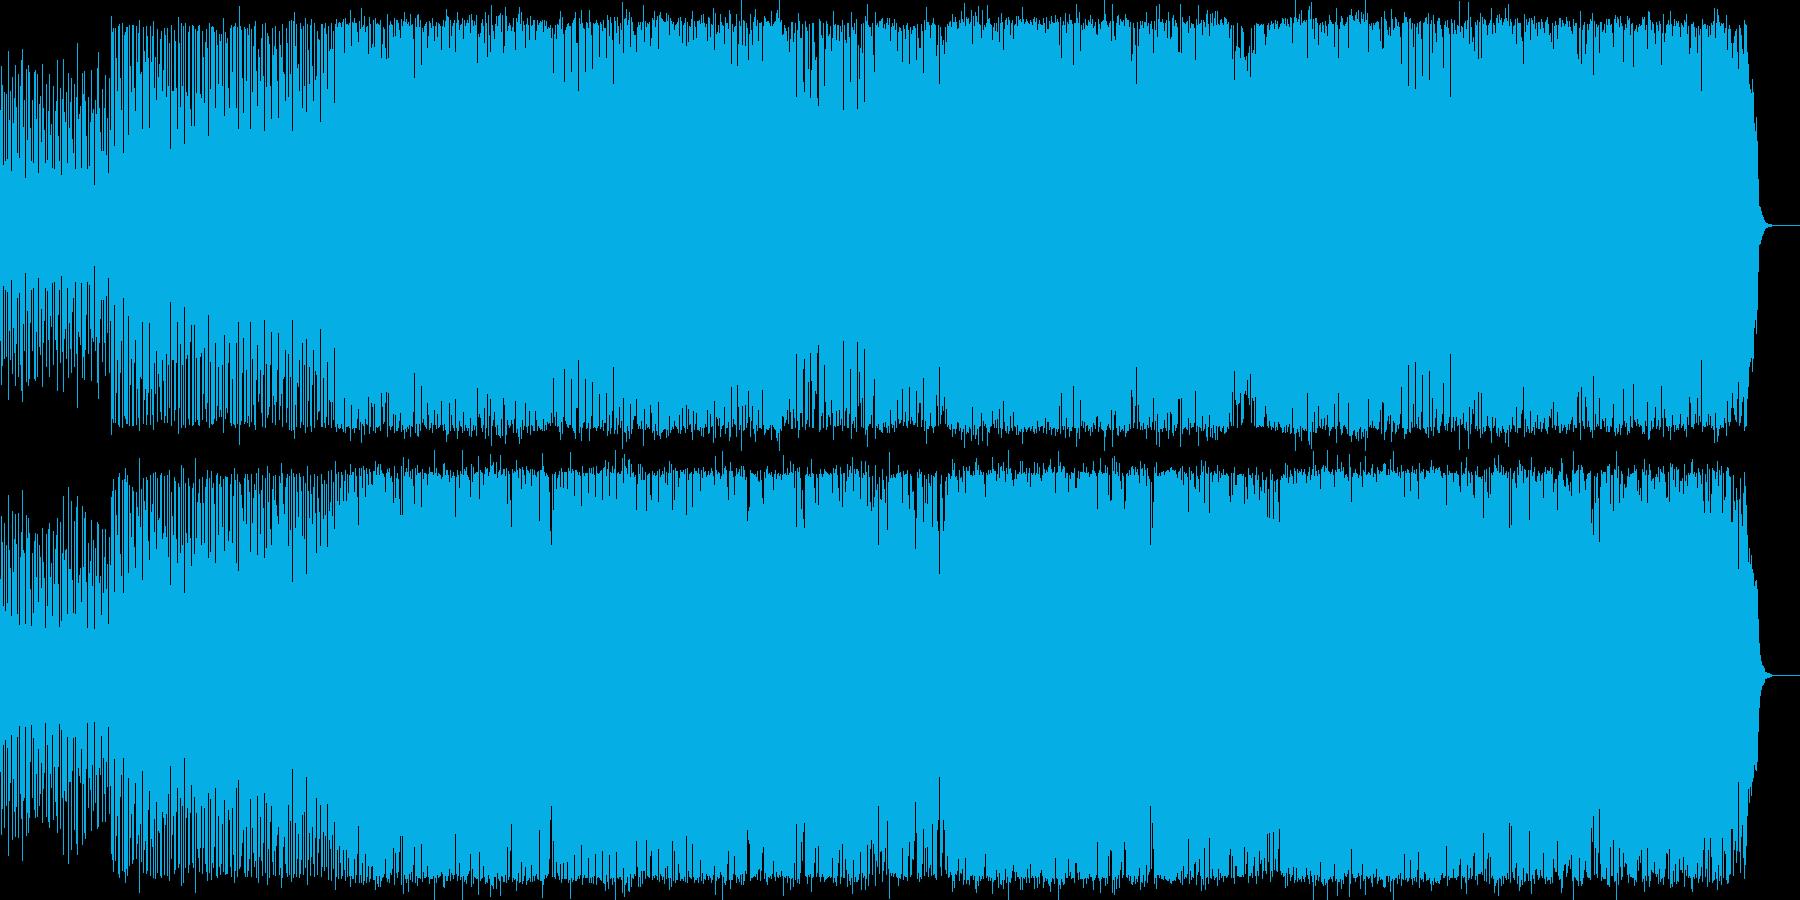 ちょっと切ないラテンダンスナンバーの再生済みの波形